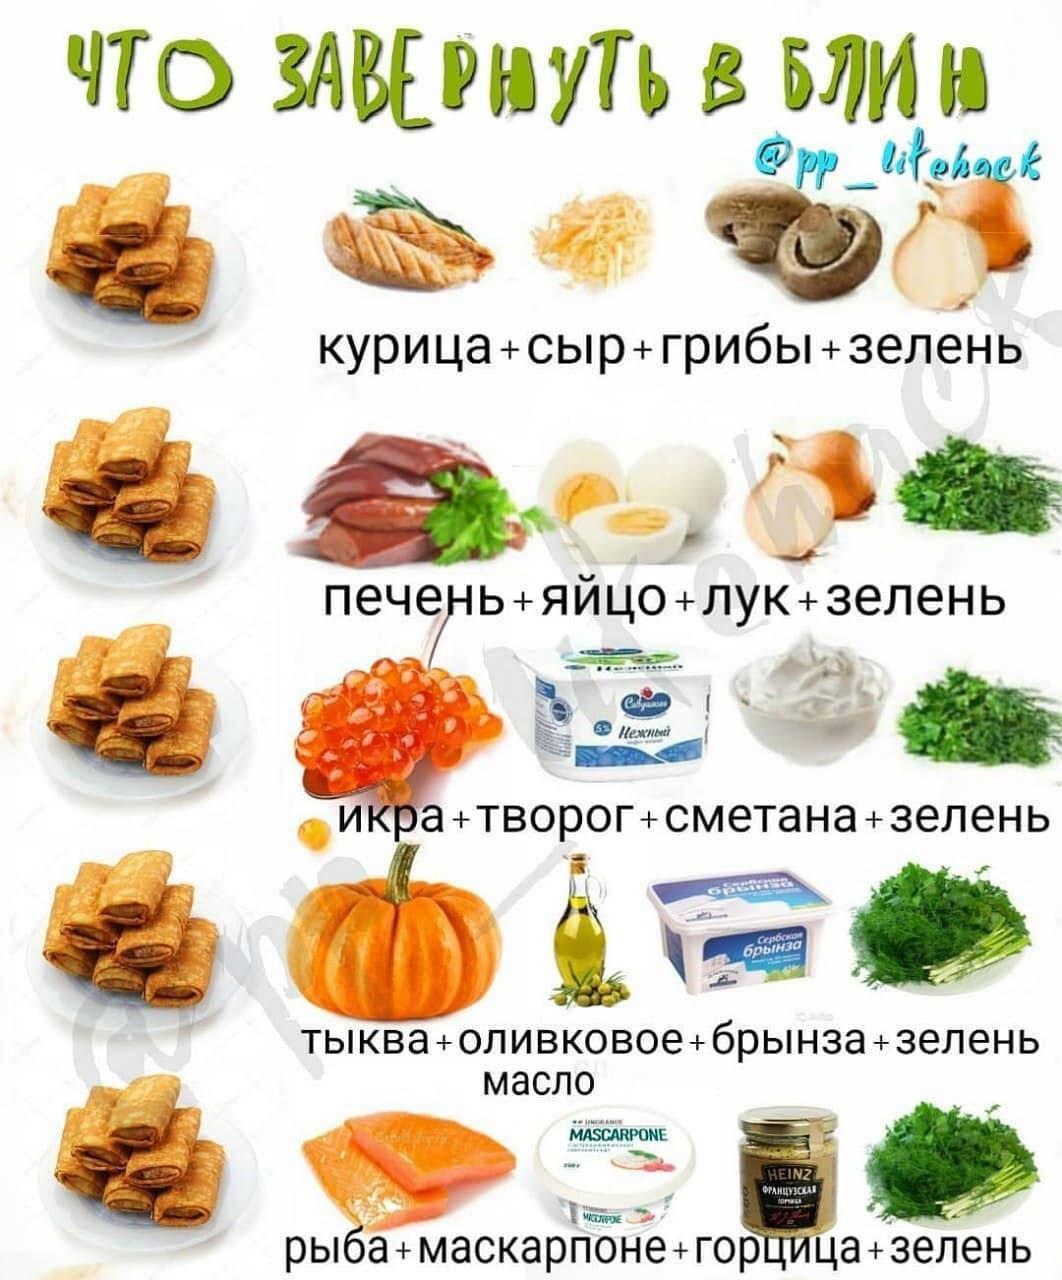 Правильное питание программа на неделю v